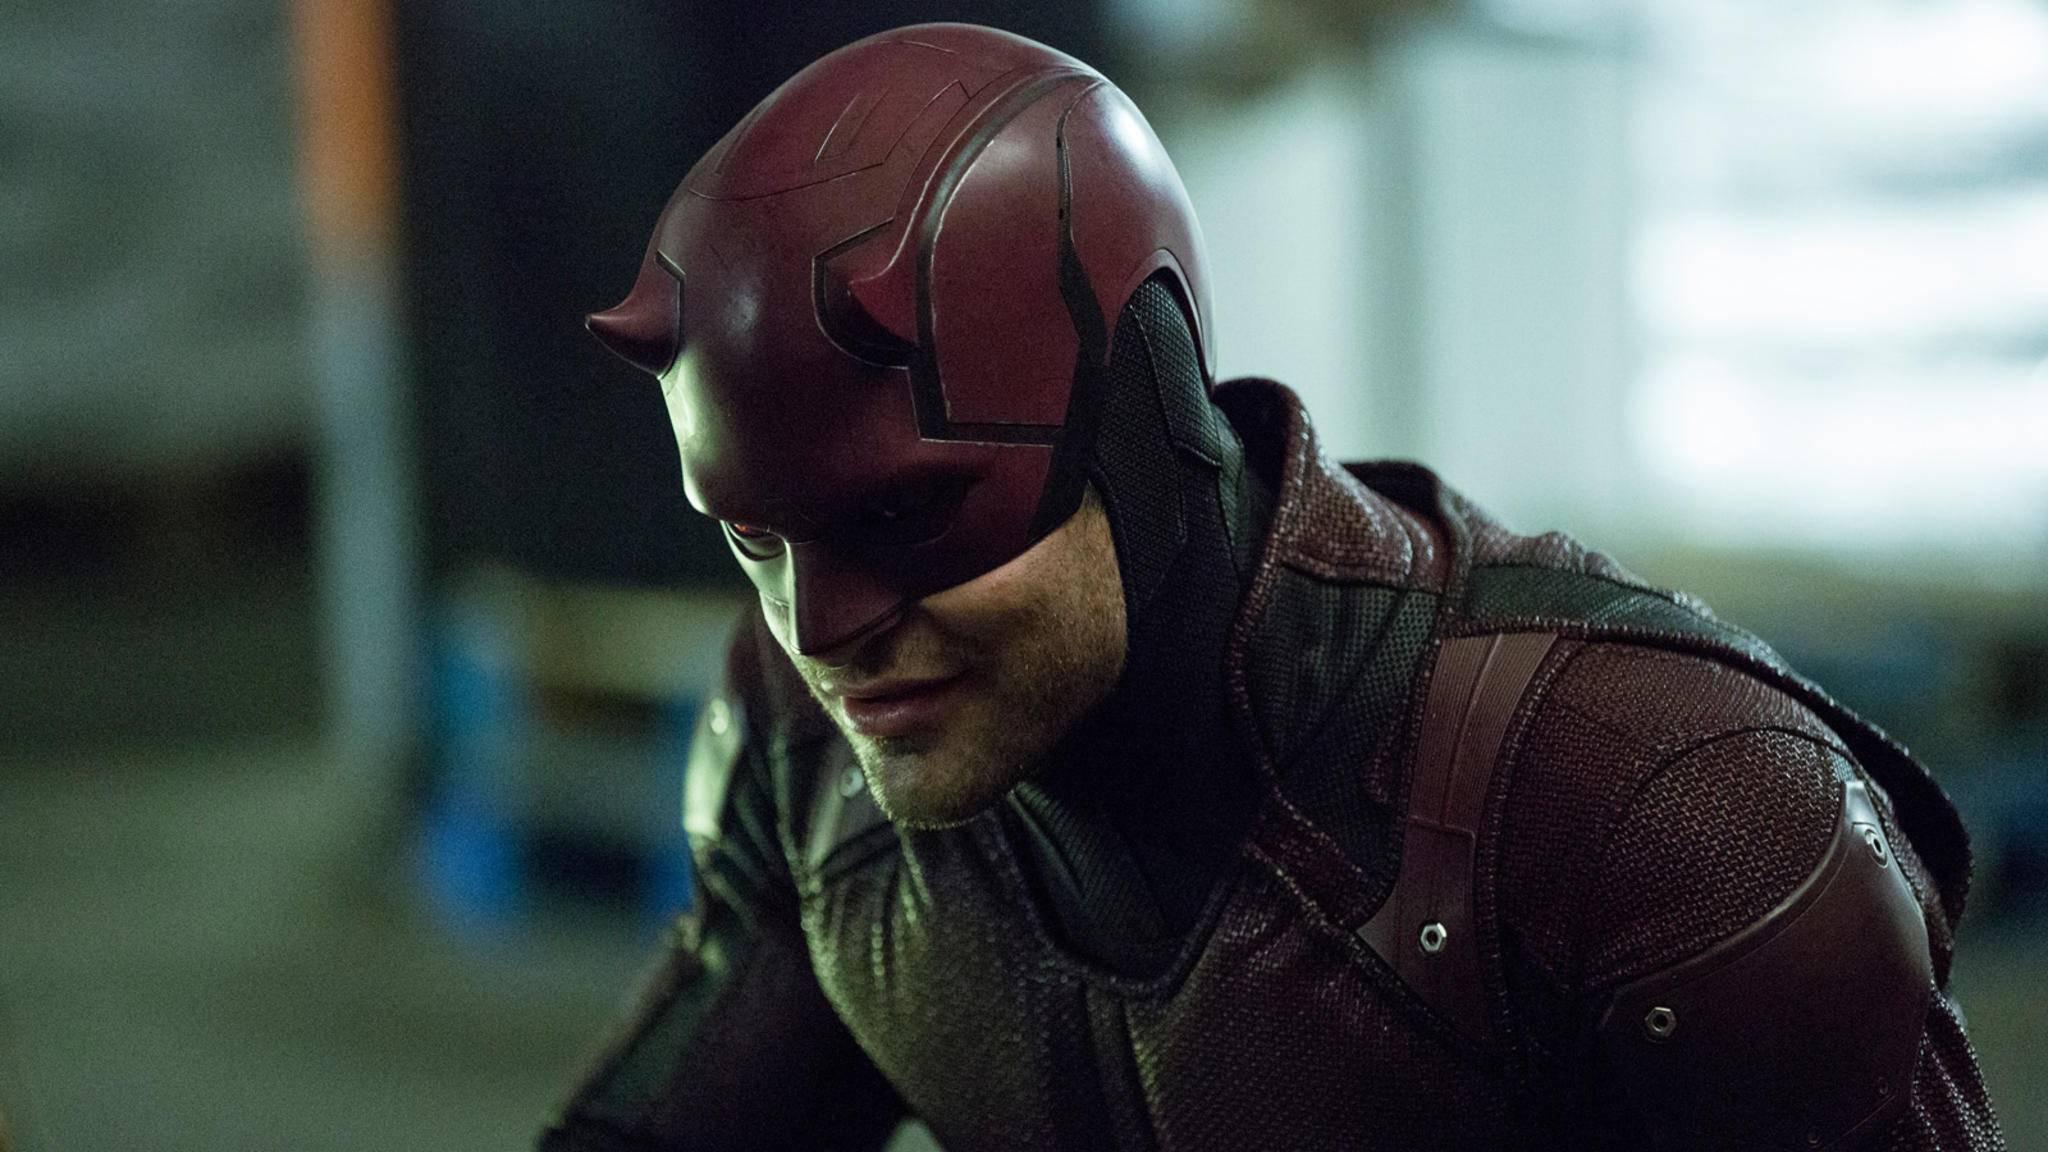 Ob sich Daredevil auf den Zusammenstoß mit seinem Dauerrivalen Bullseye freut? Wir tun es zumindest!